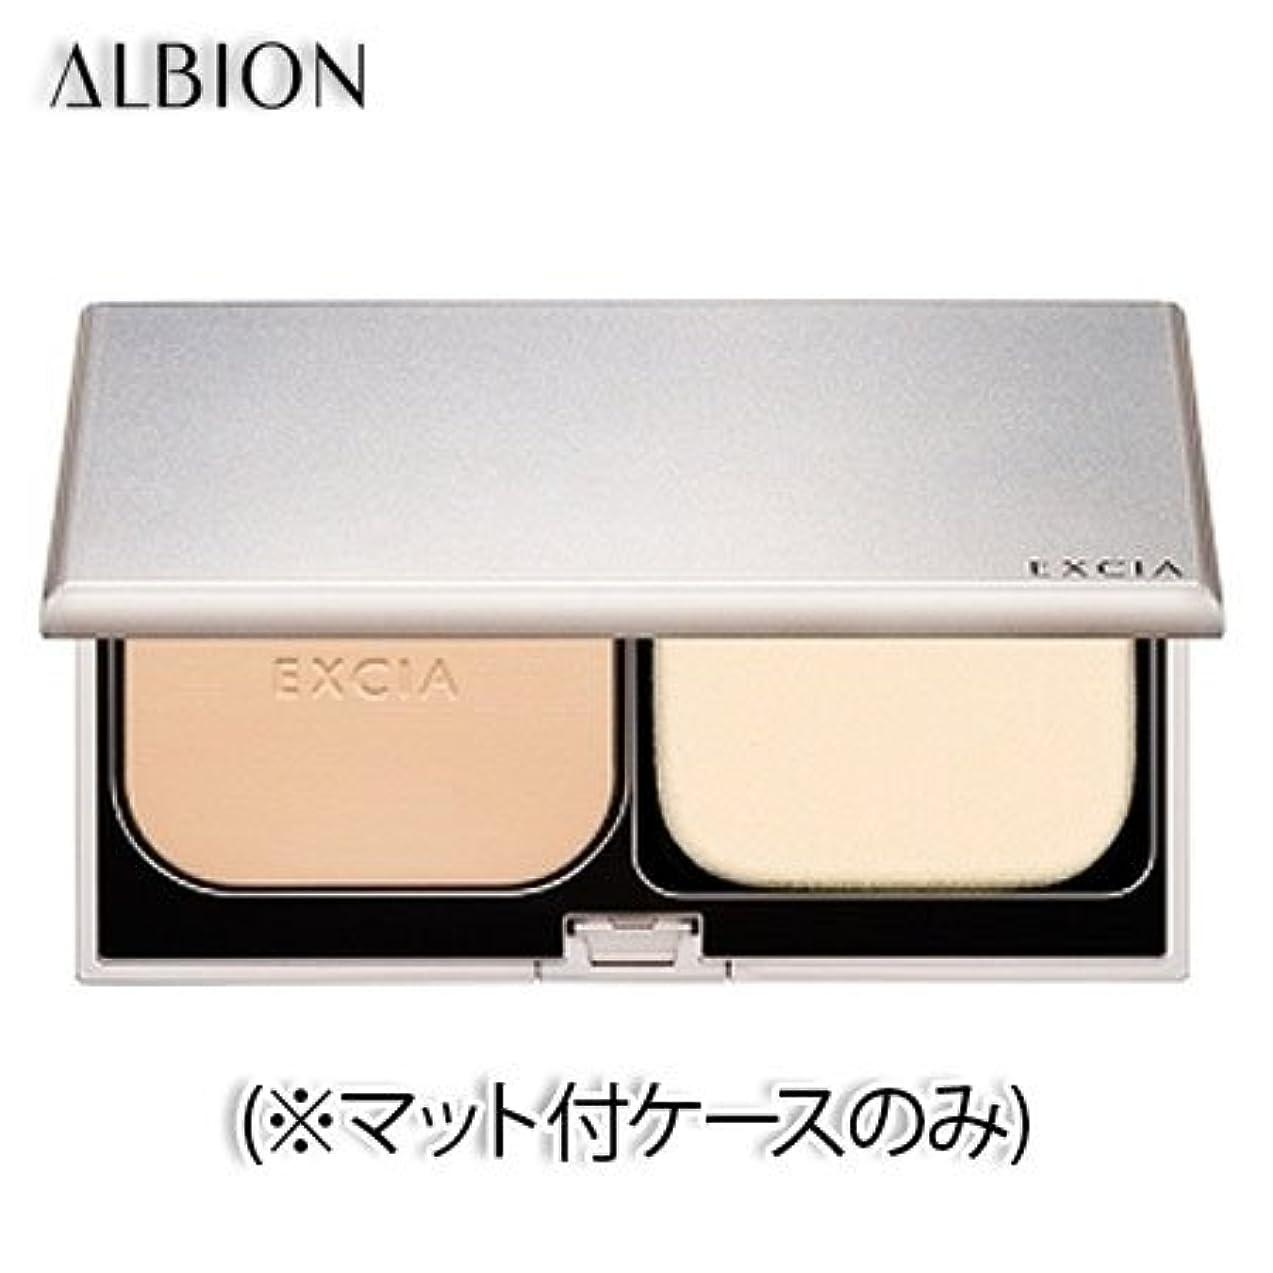 郵便進行中バルクアルビオン エクシア AL ホワイトプレミアムパウダー ファンデーション SPF30 PA+++ 11g 6色 (マット付ケースのみ) -ALBION-